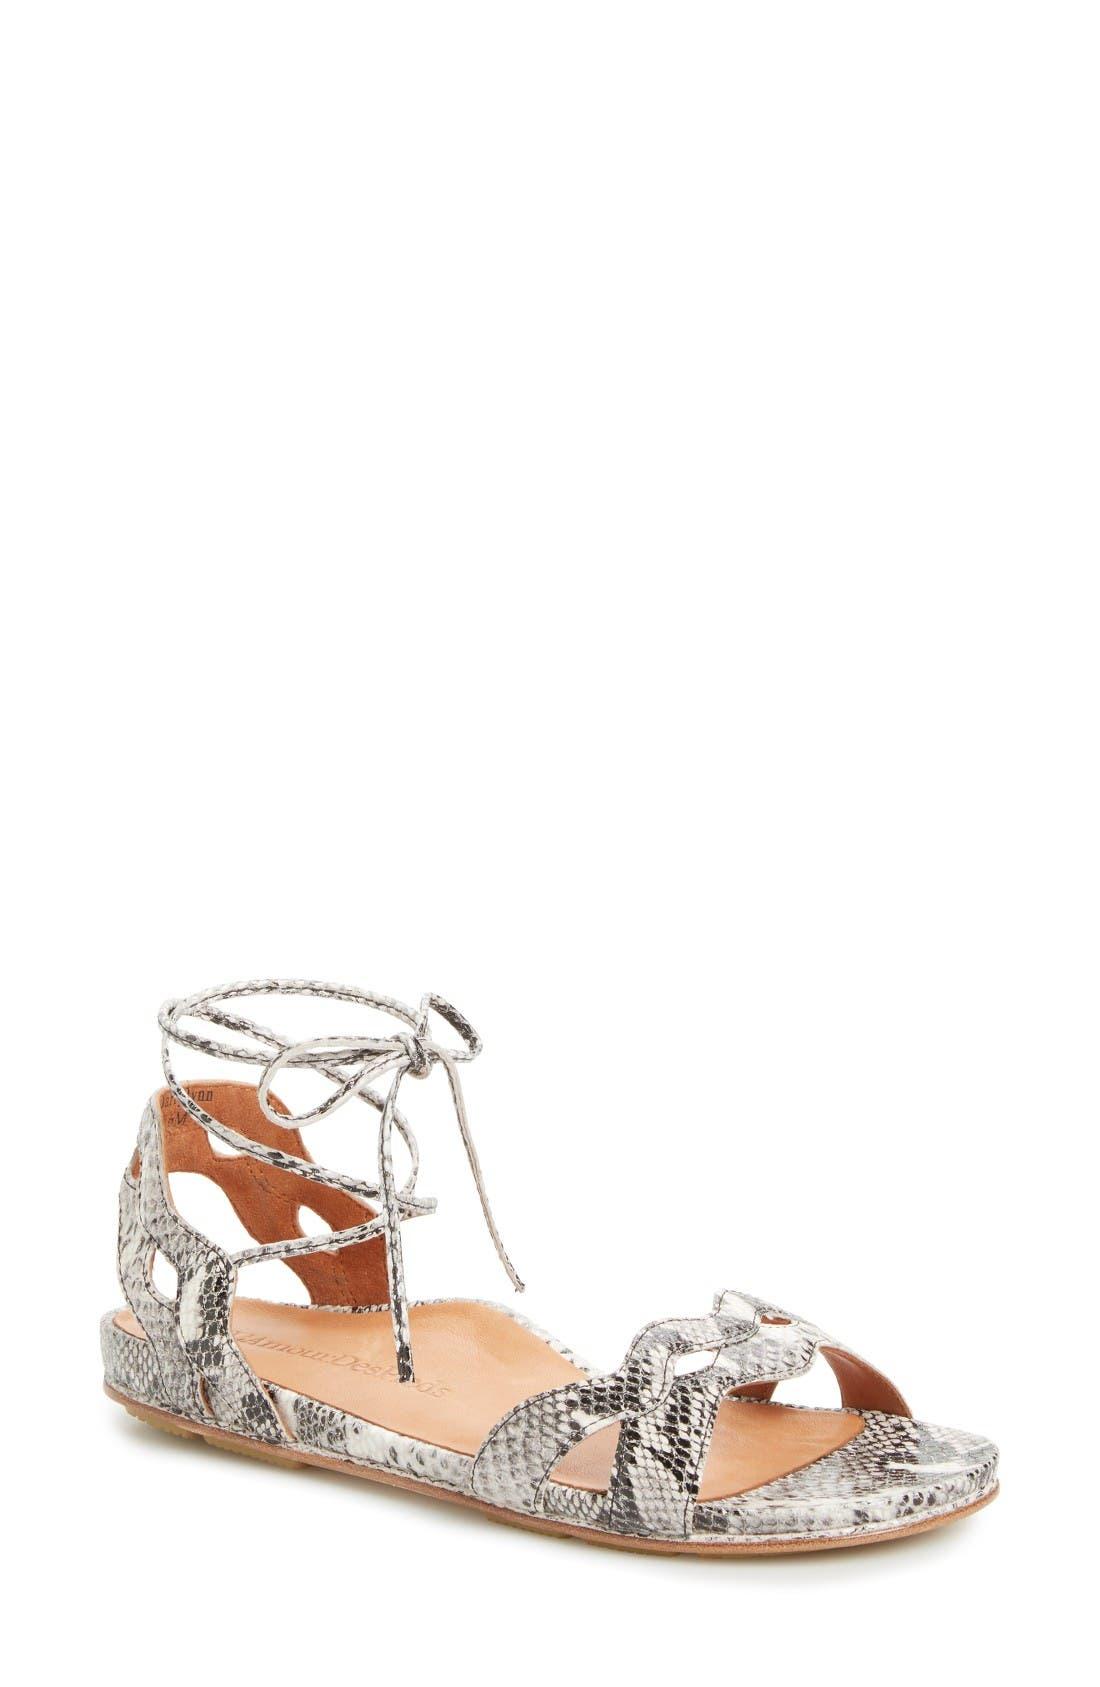 Main Image - L'Amour des Pieds Darrylynn Wraparound Lace-Up Sandal (Women)